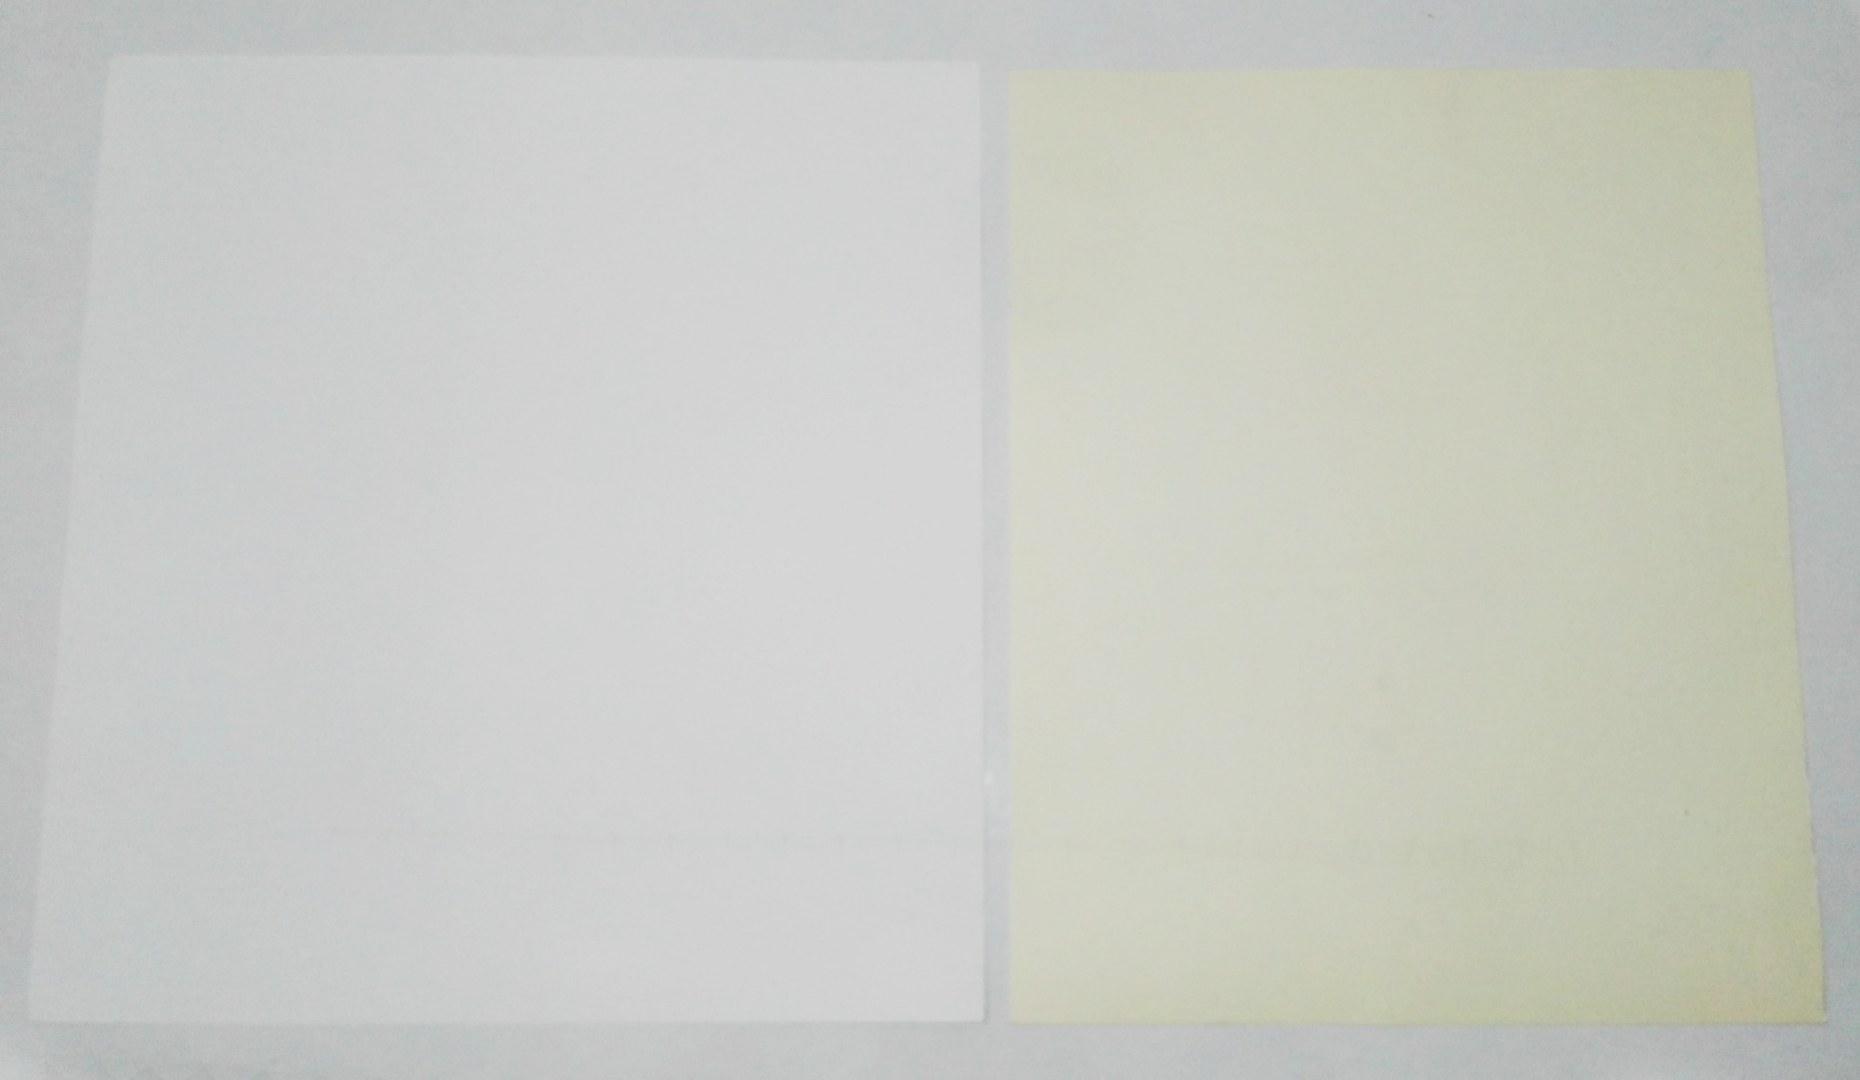 کاغذ بریل